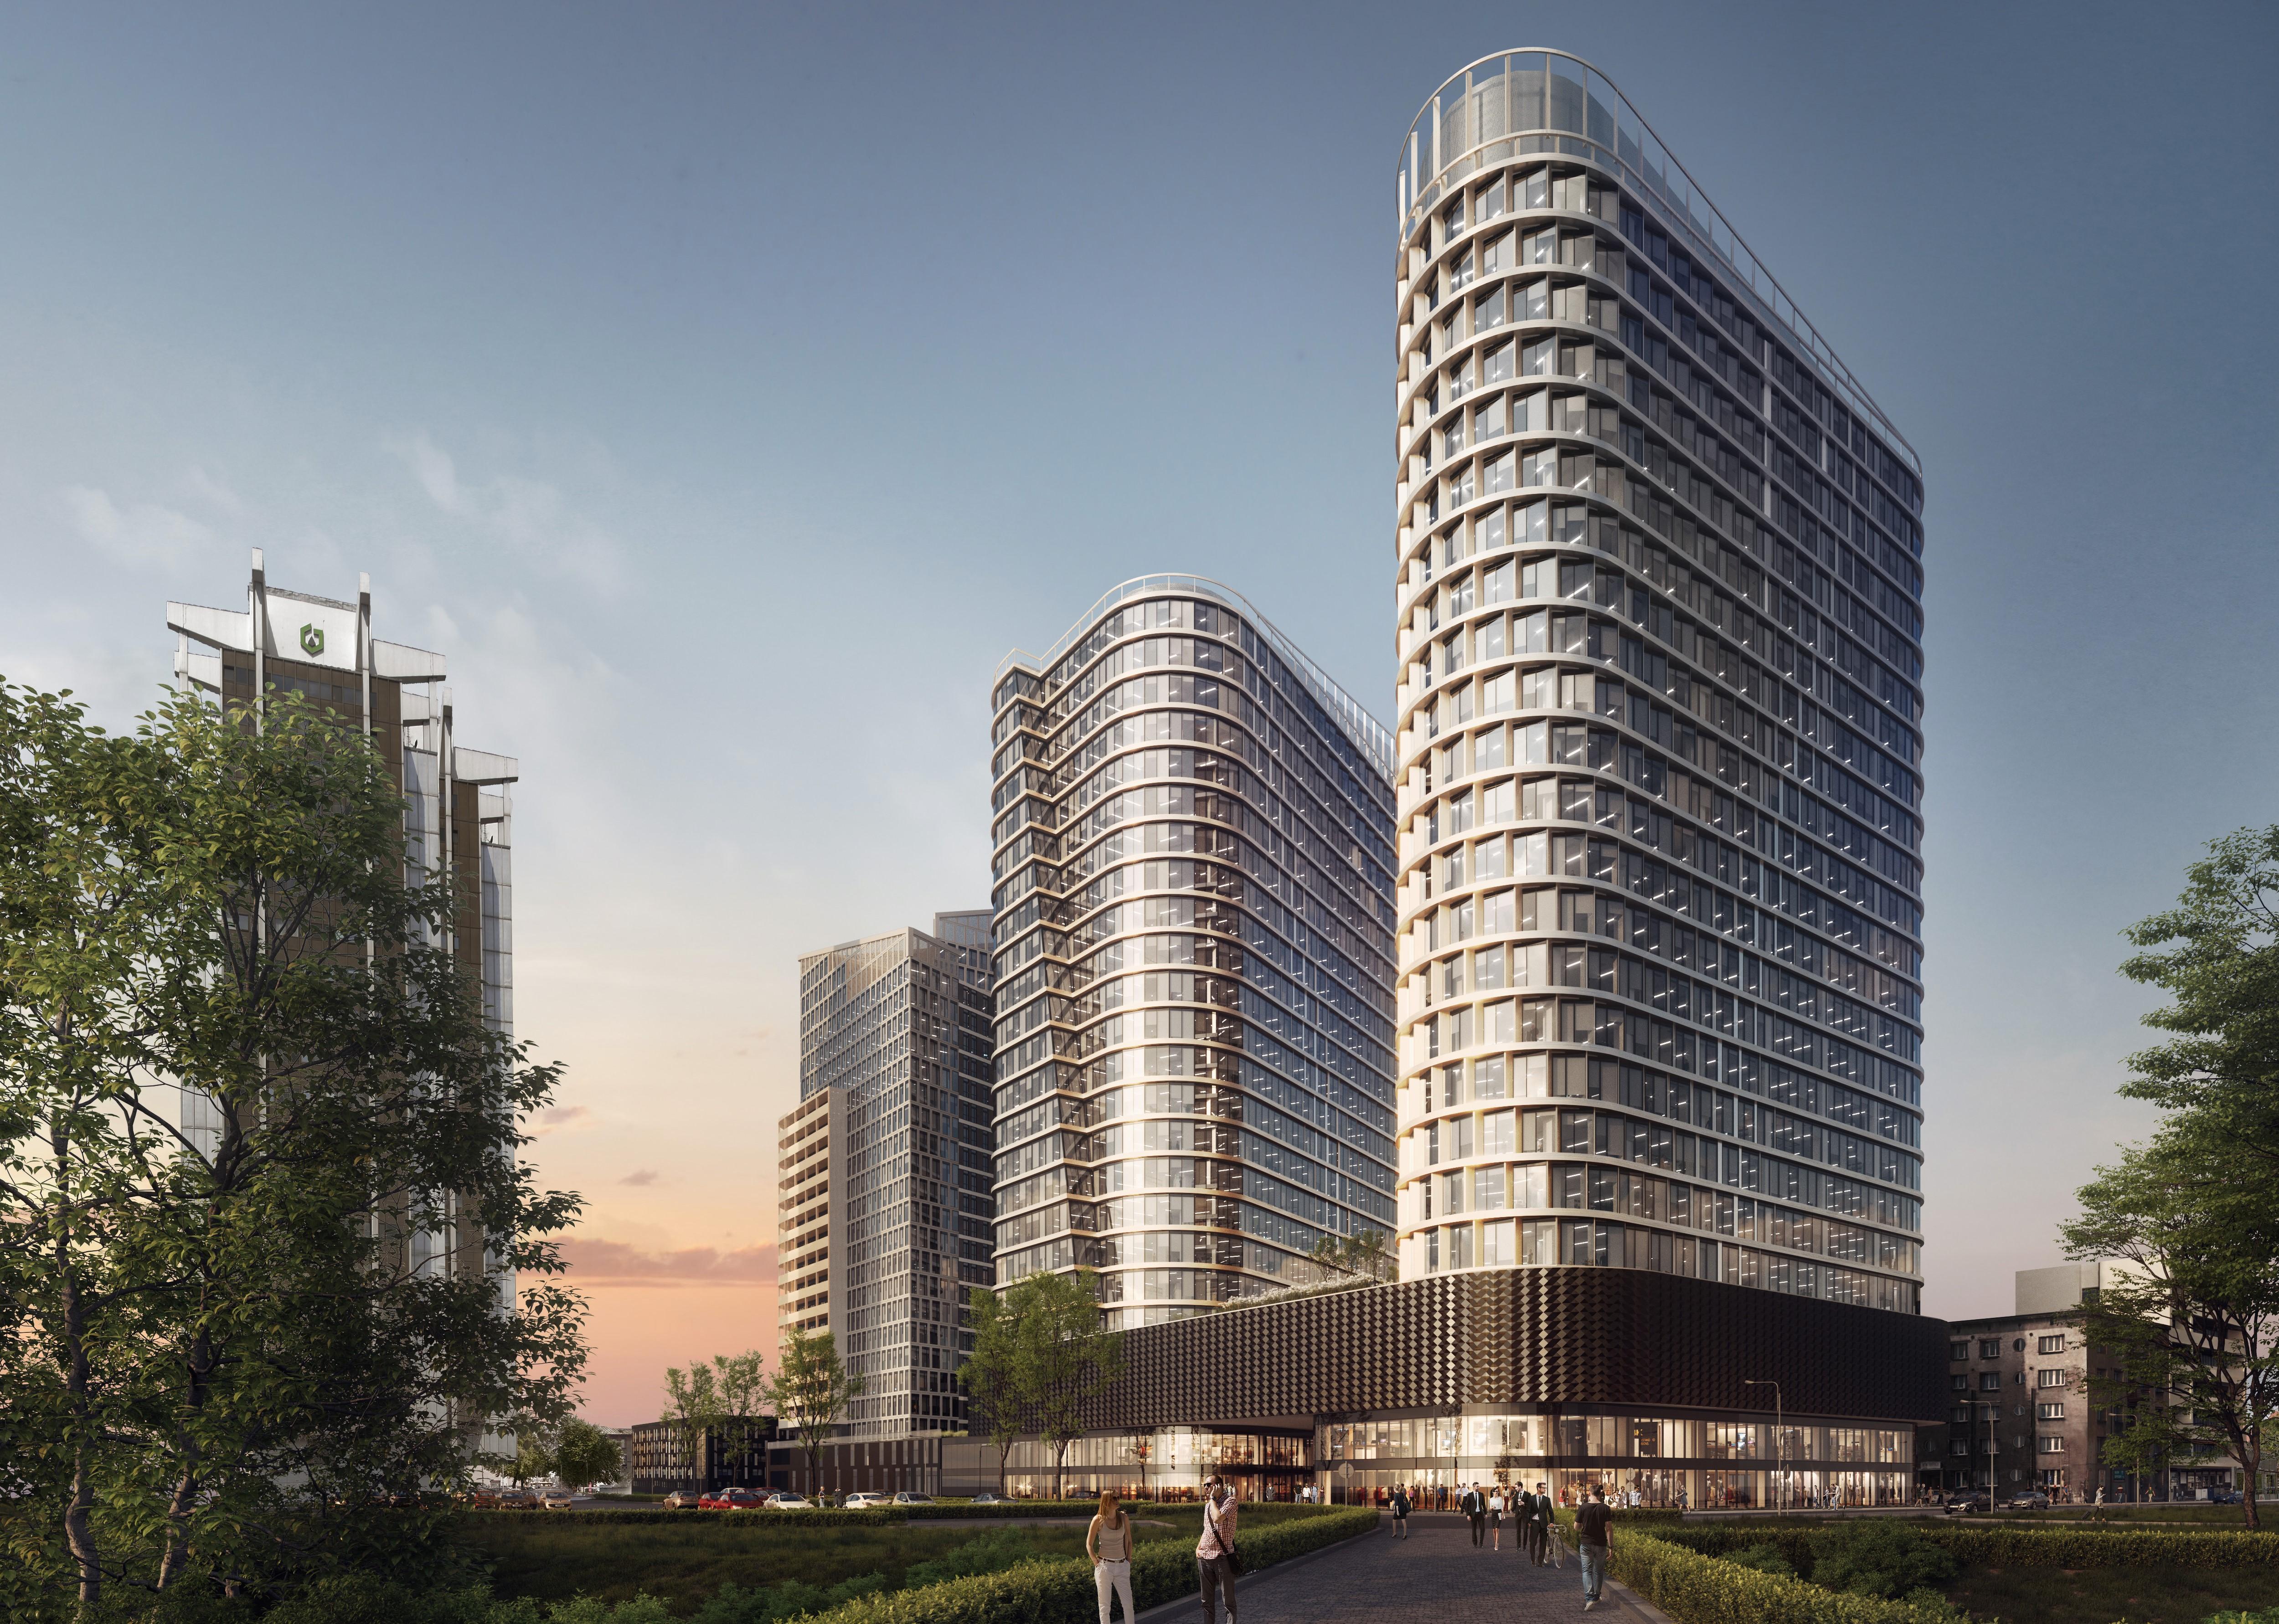 Wizualizacja inwestycji Global Office Park w Katowicach, fot. mat. pras.